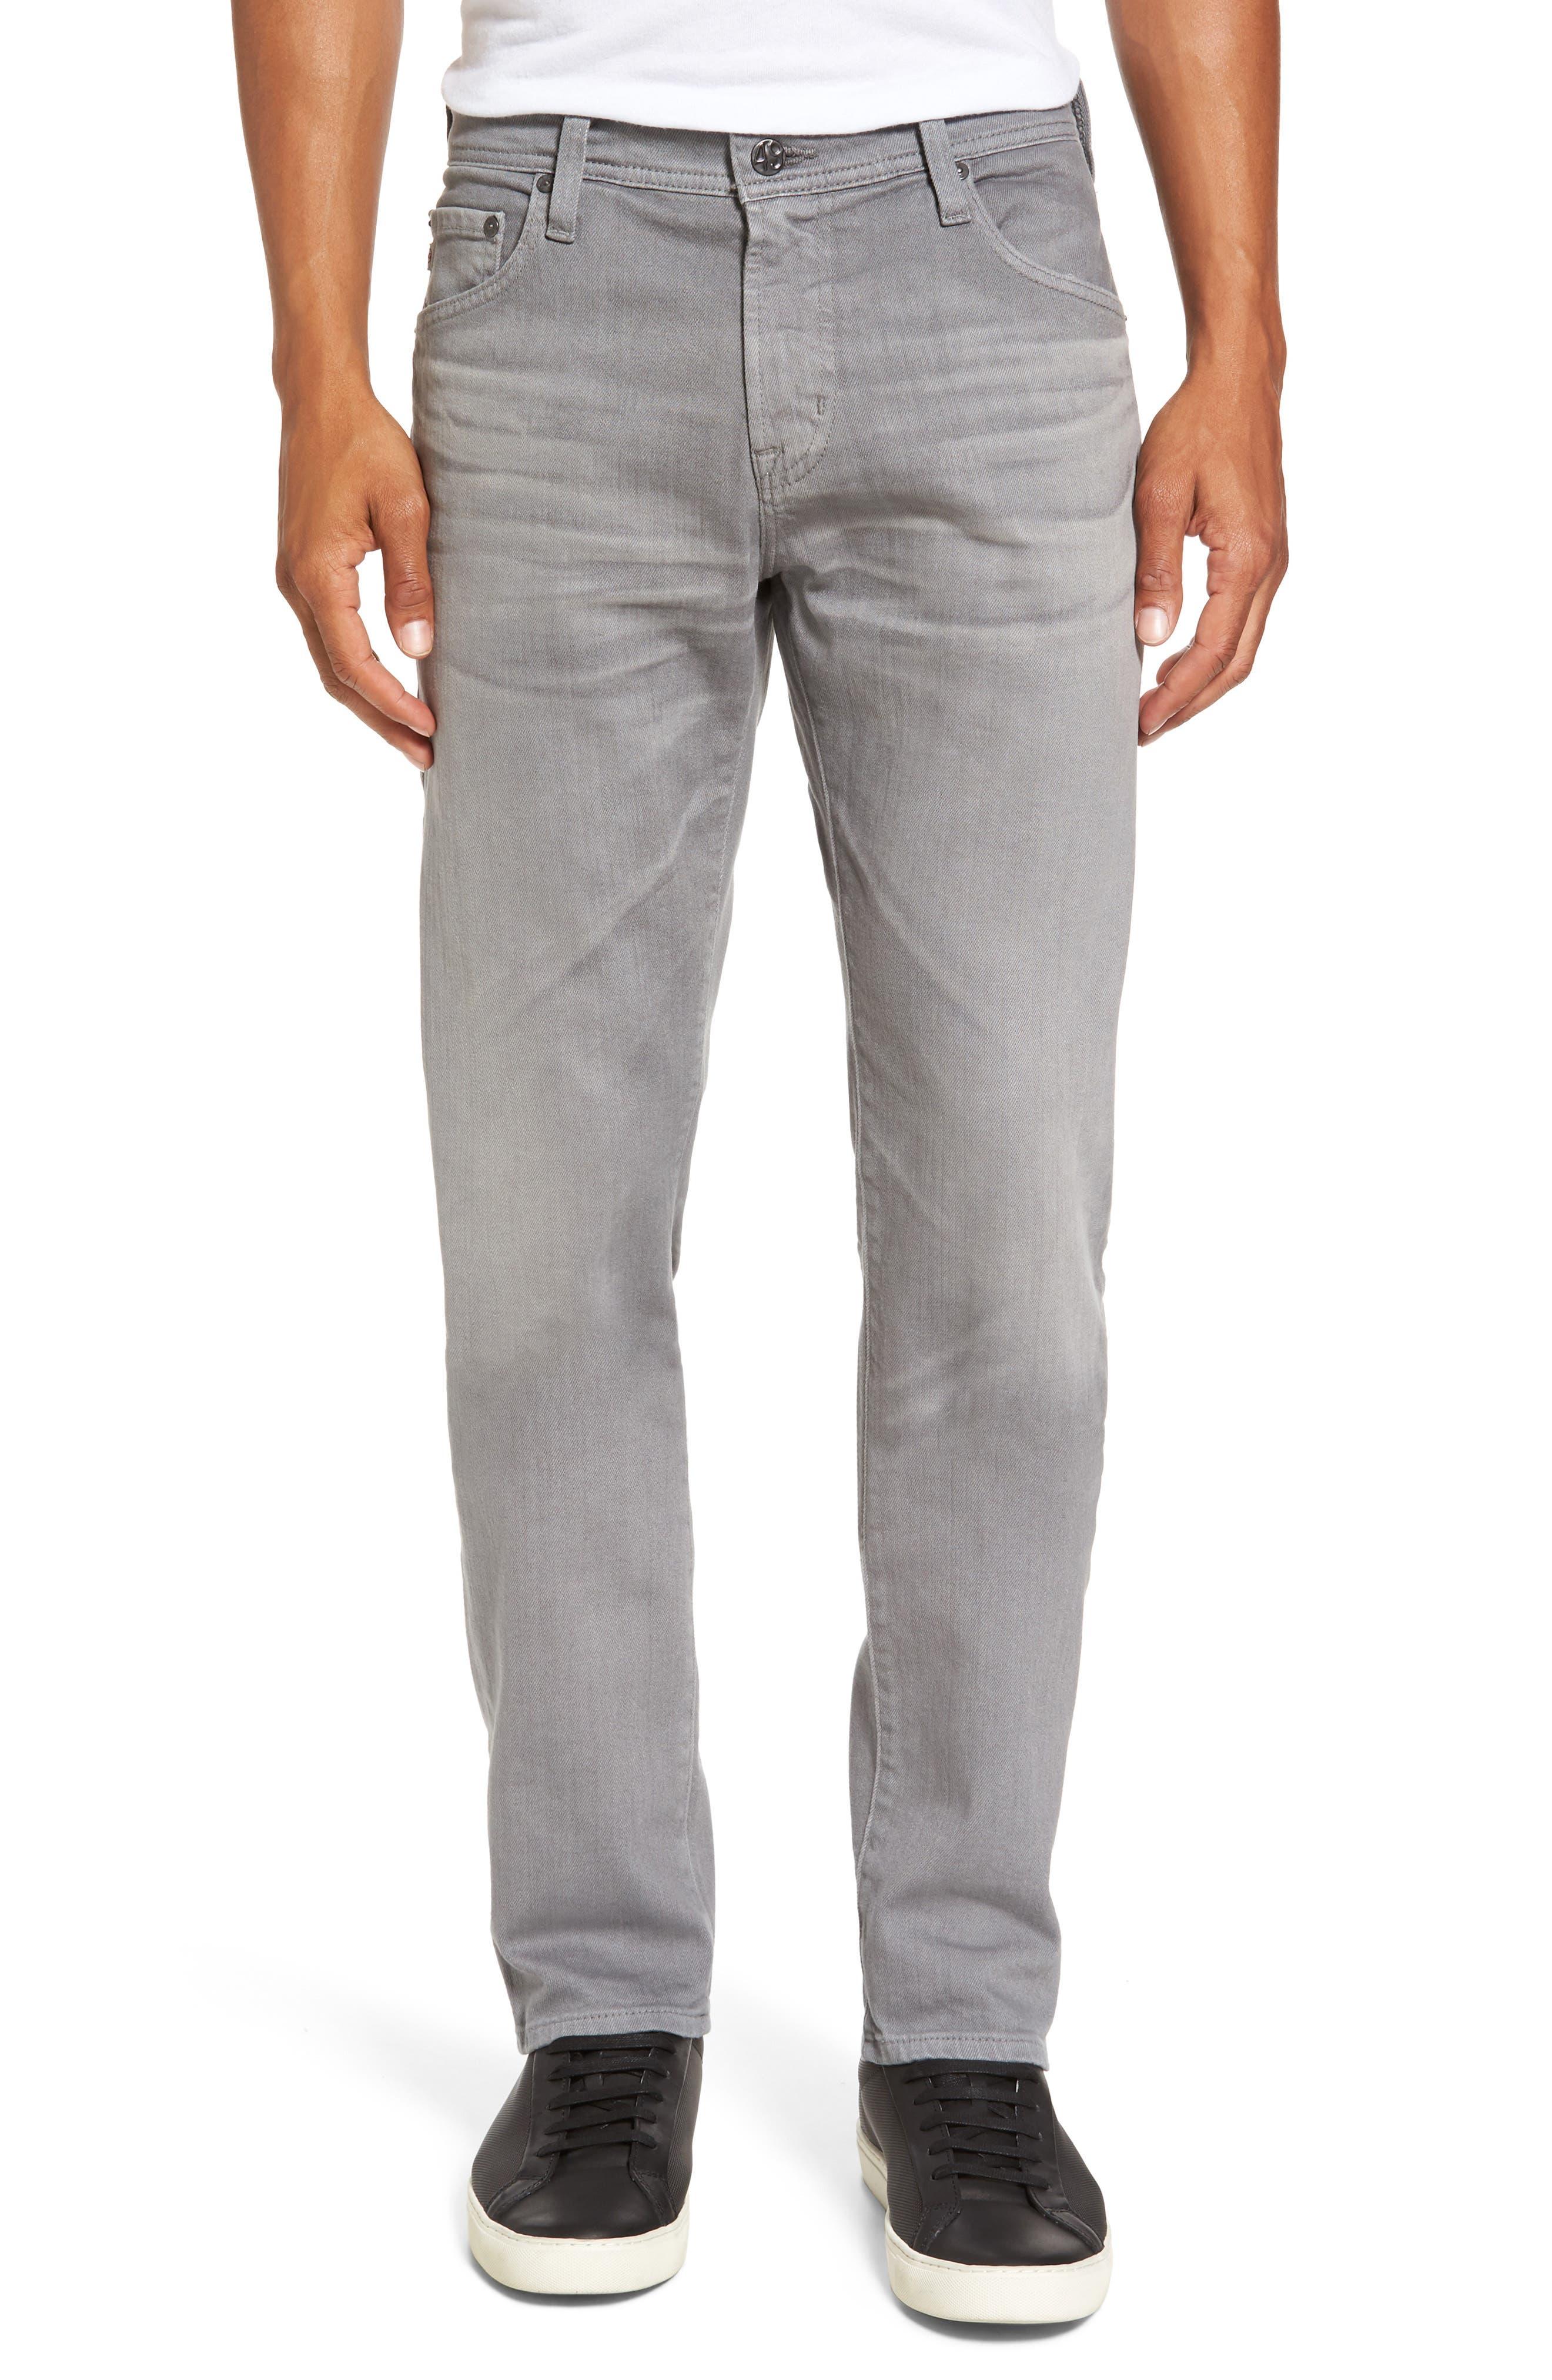 PAIGE Transcend - Lennox Slim Fit Jeans (Argent Grey)